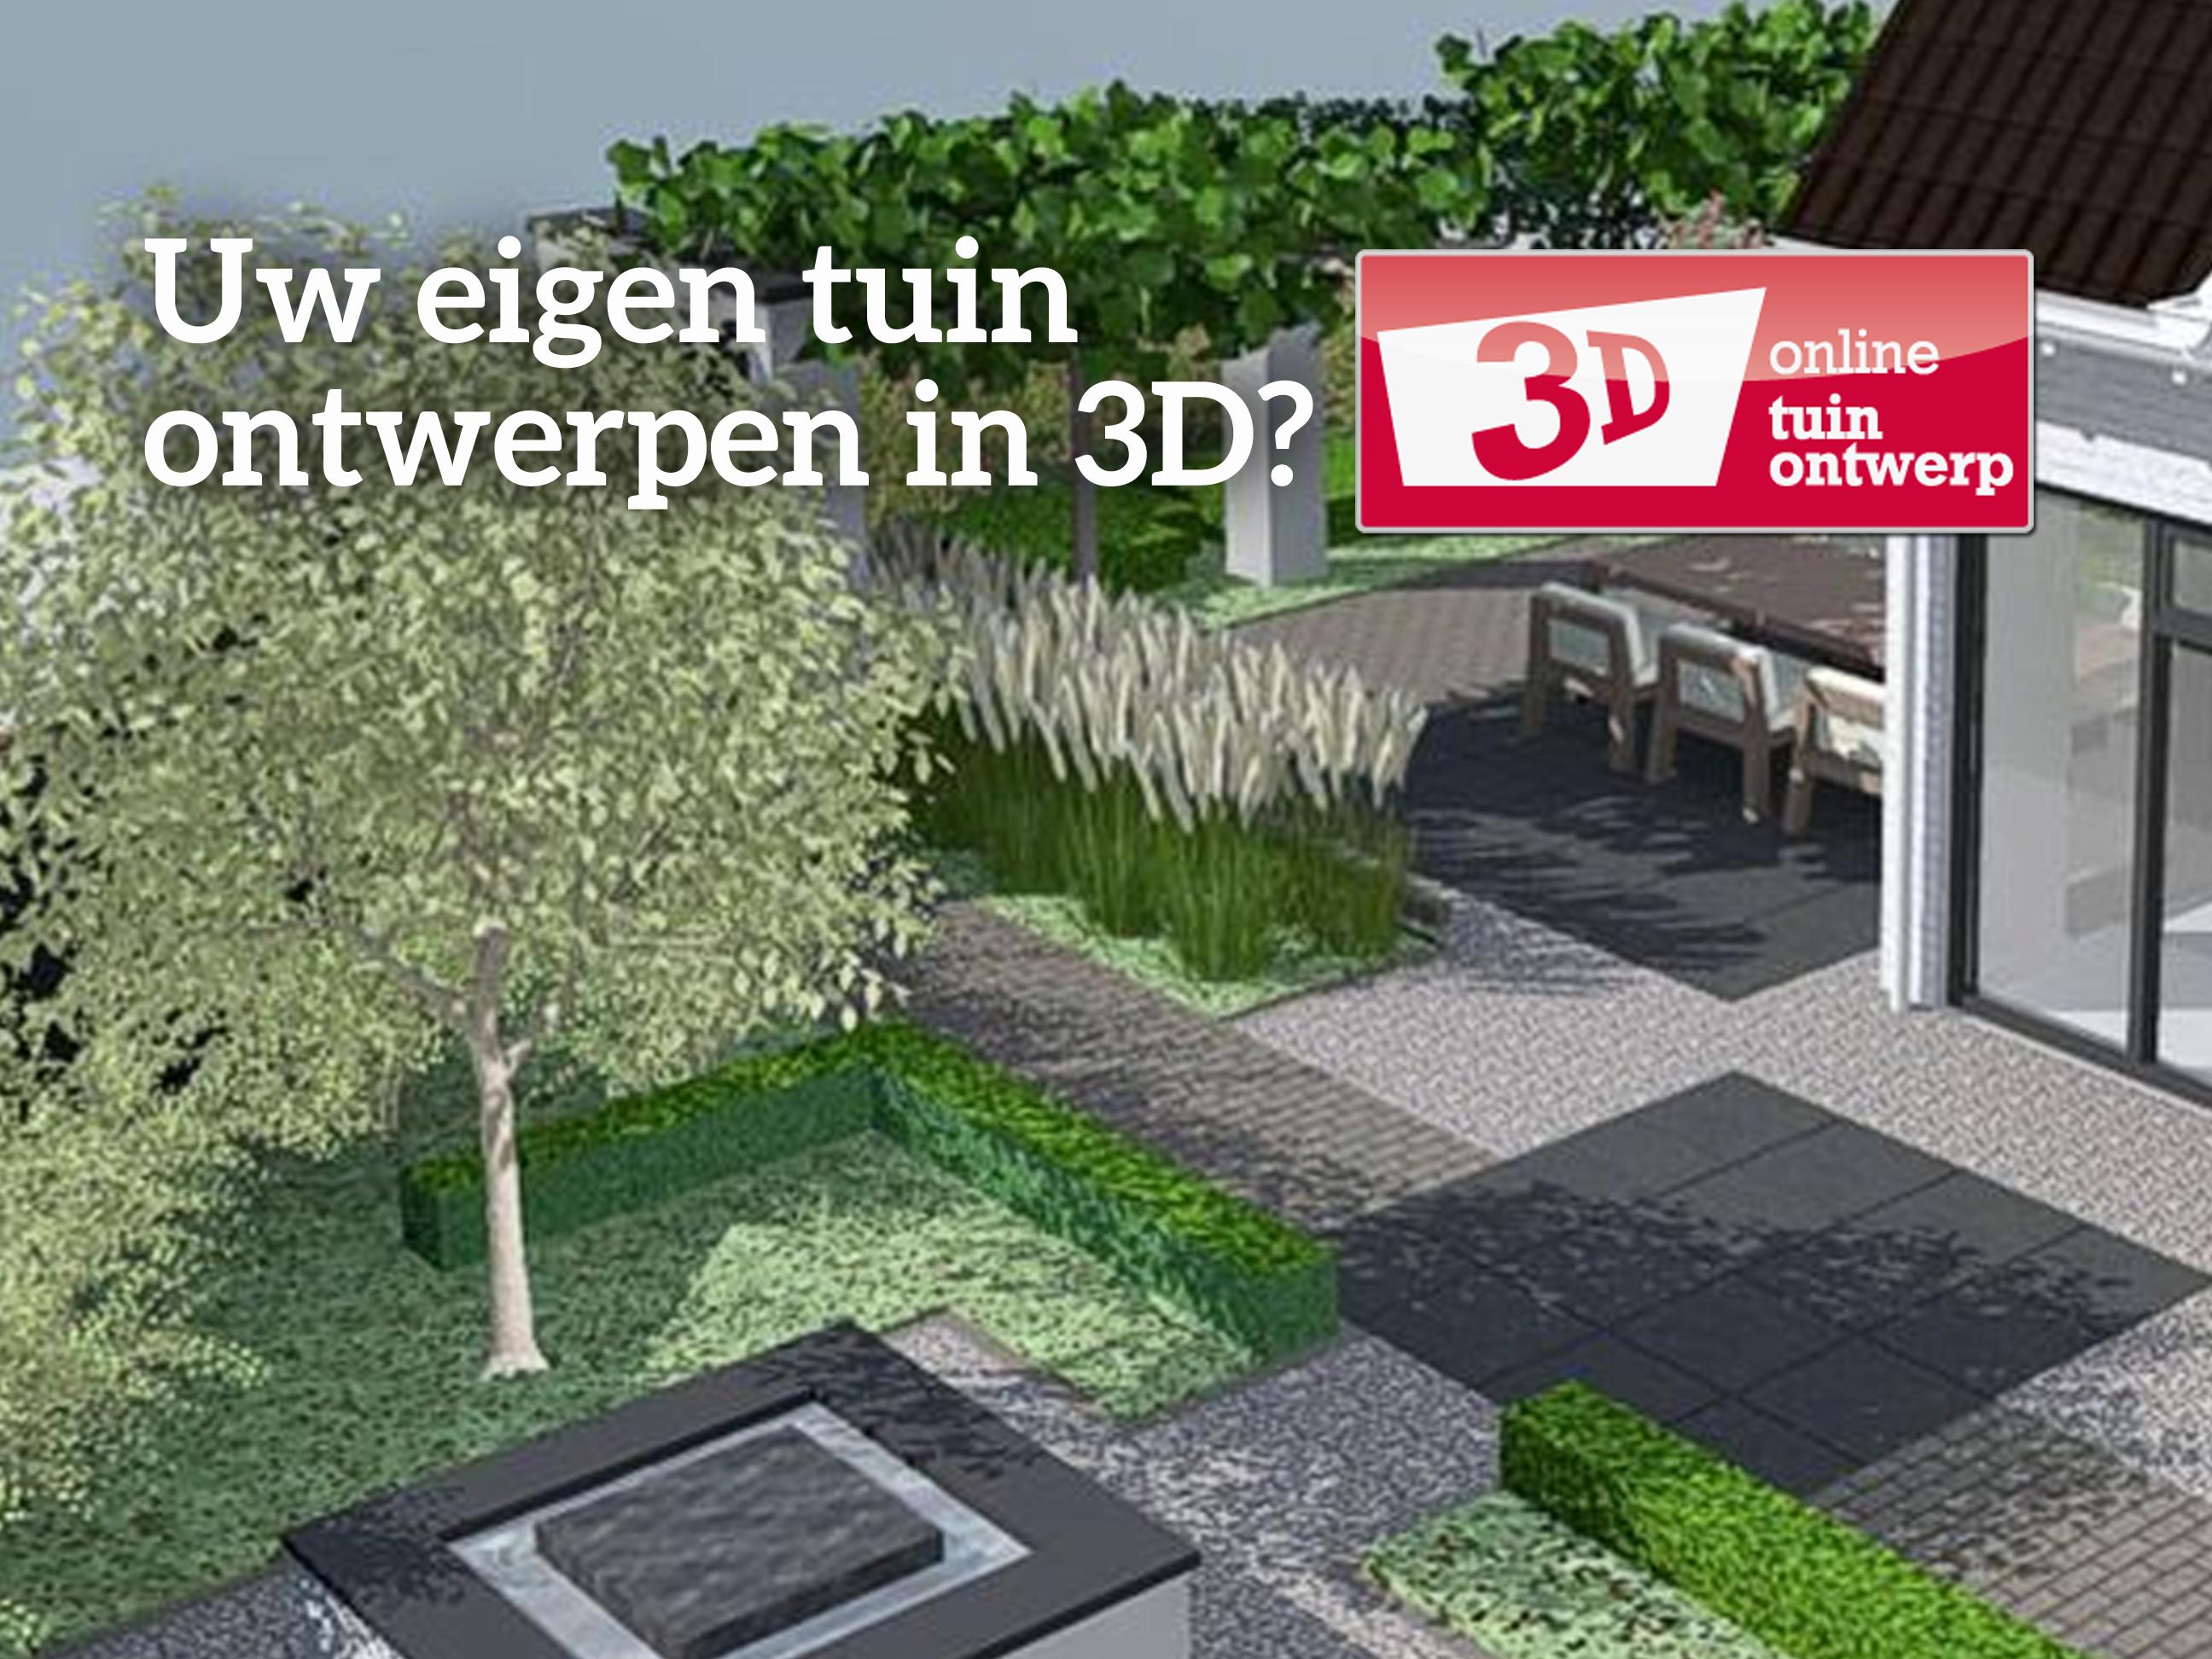 zelf uw tuinontwerp in 3d maken tegelcentrum berkeltuin nl